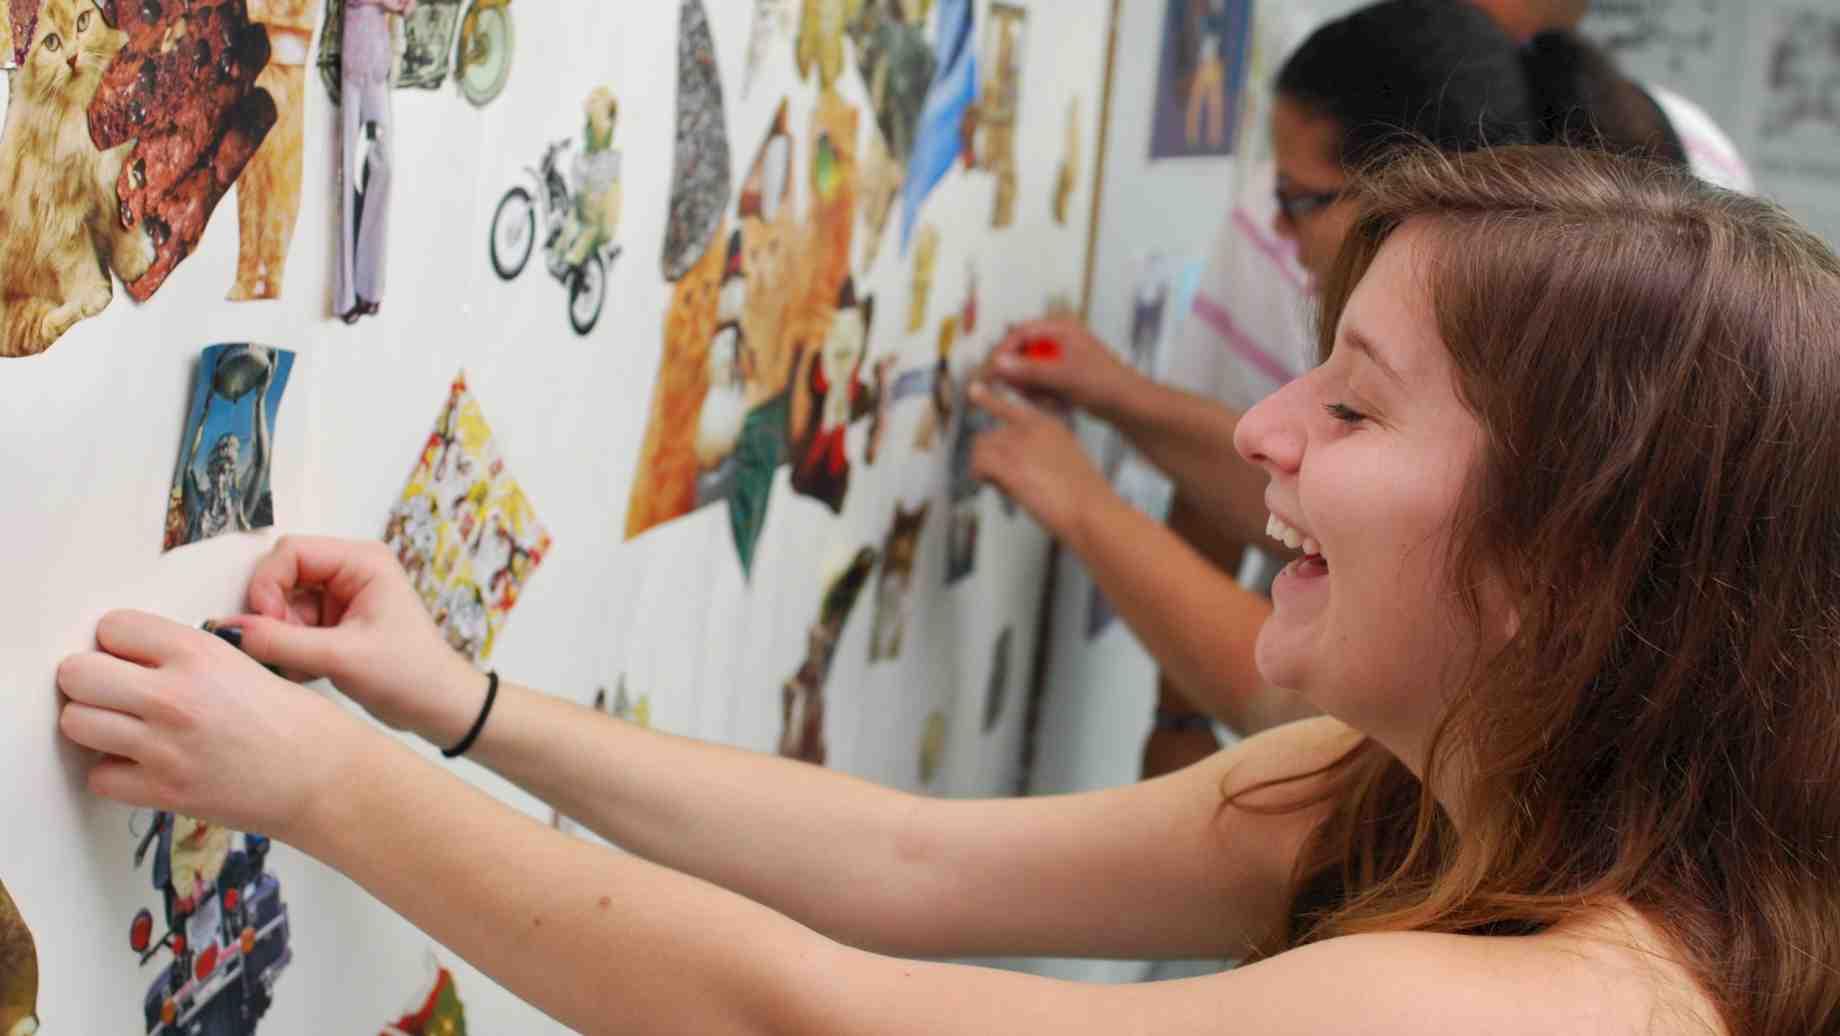 images?q=tbn:ANd9GcQh_l3eQ5xwiPy07kGEXjmjgmBKBRB7H2mRxCGhv1tFWg5c_mWT Best Of Visual Arts Program @koolgadgetz.com.info